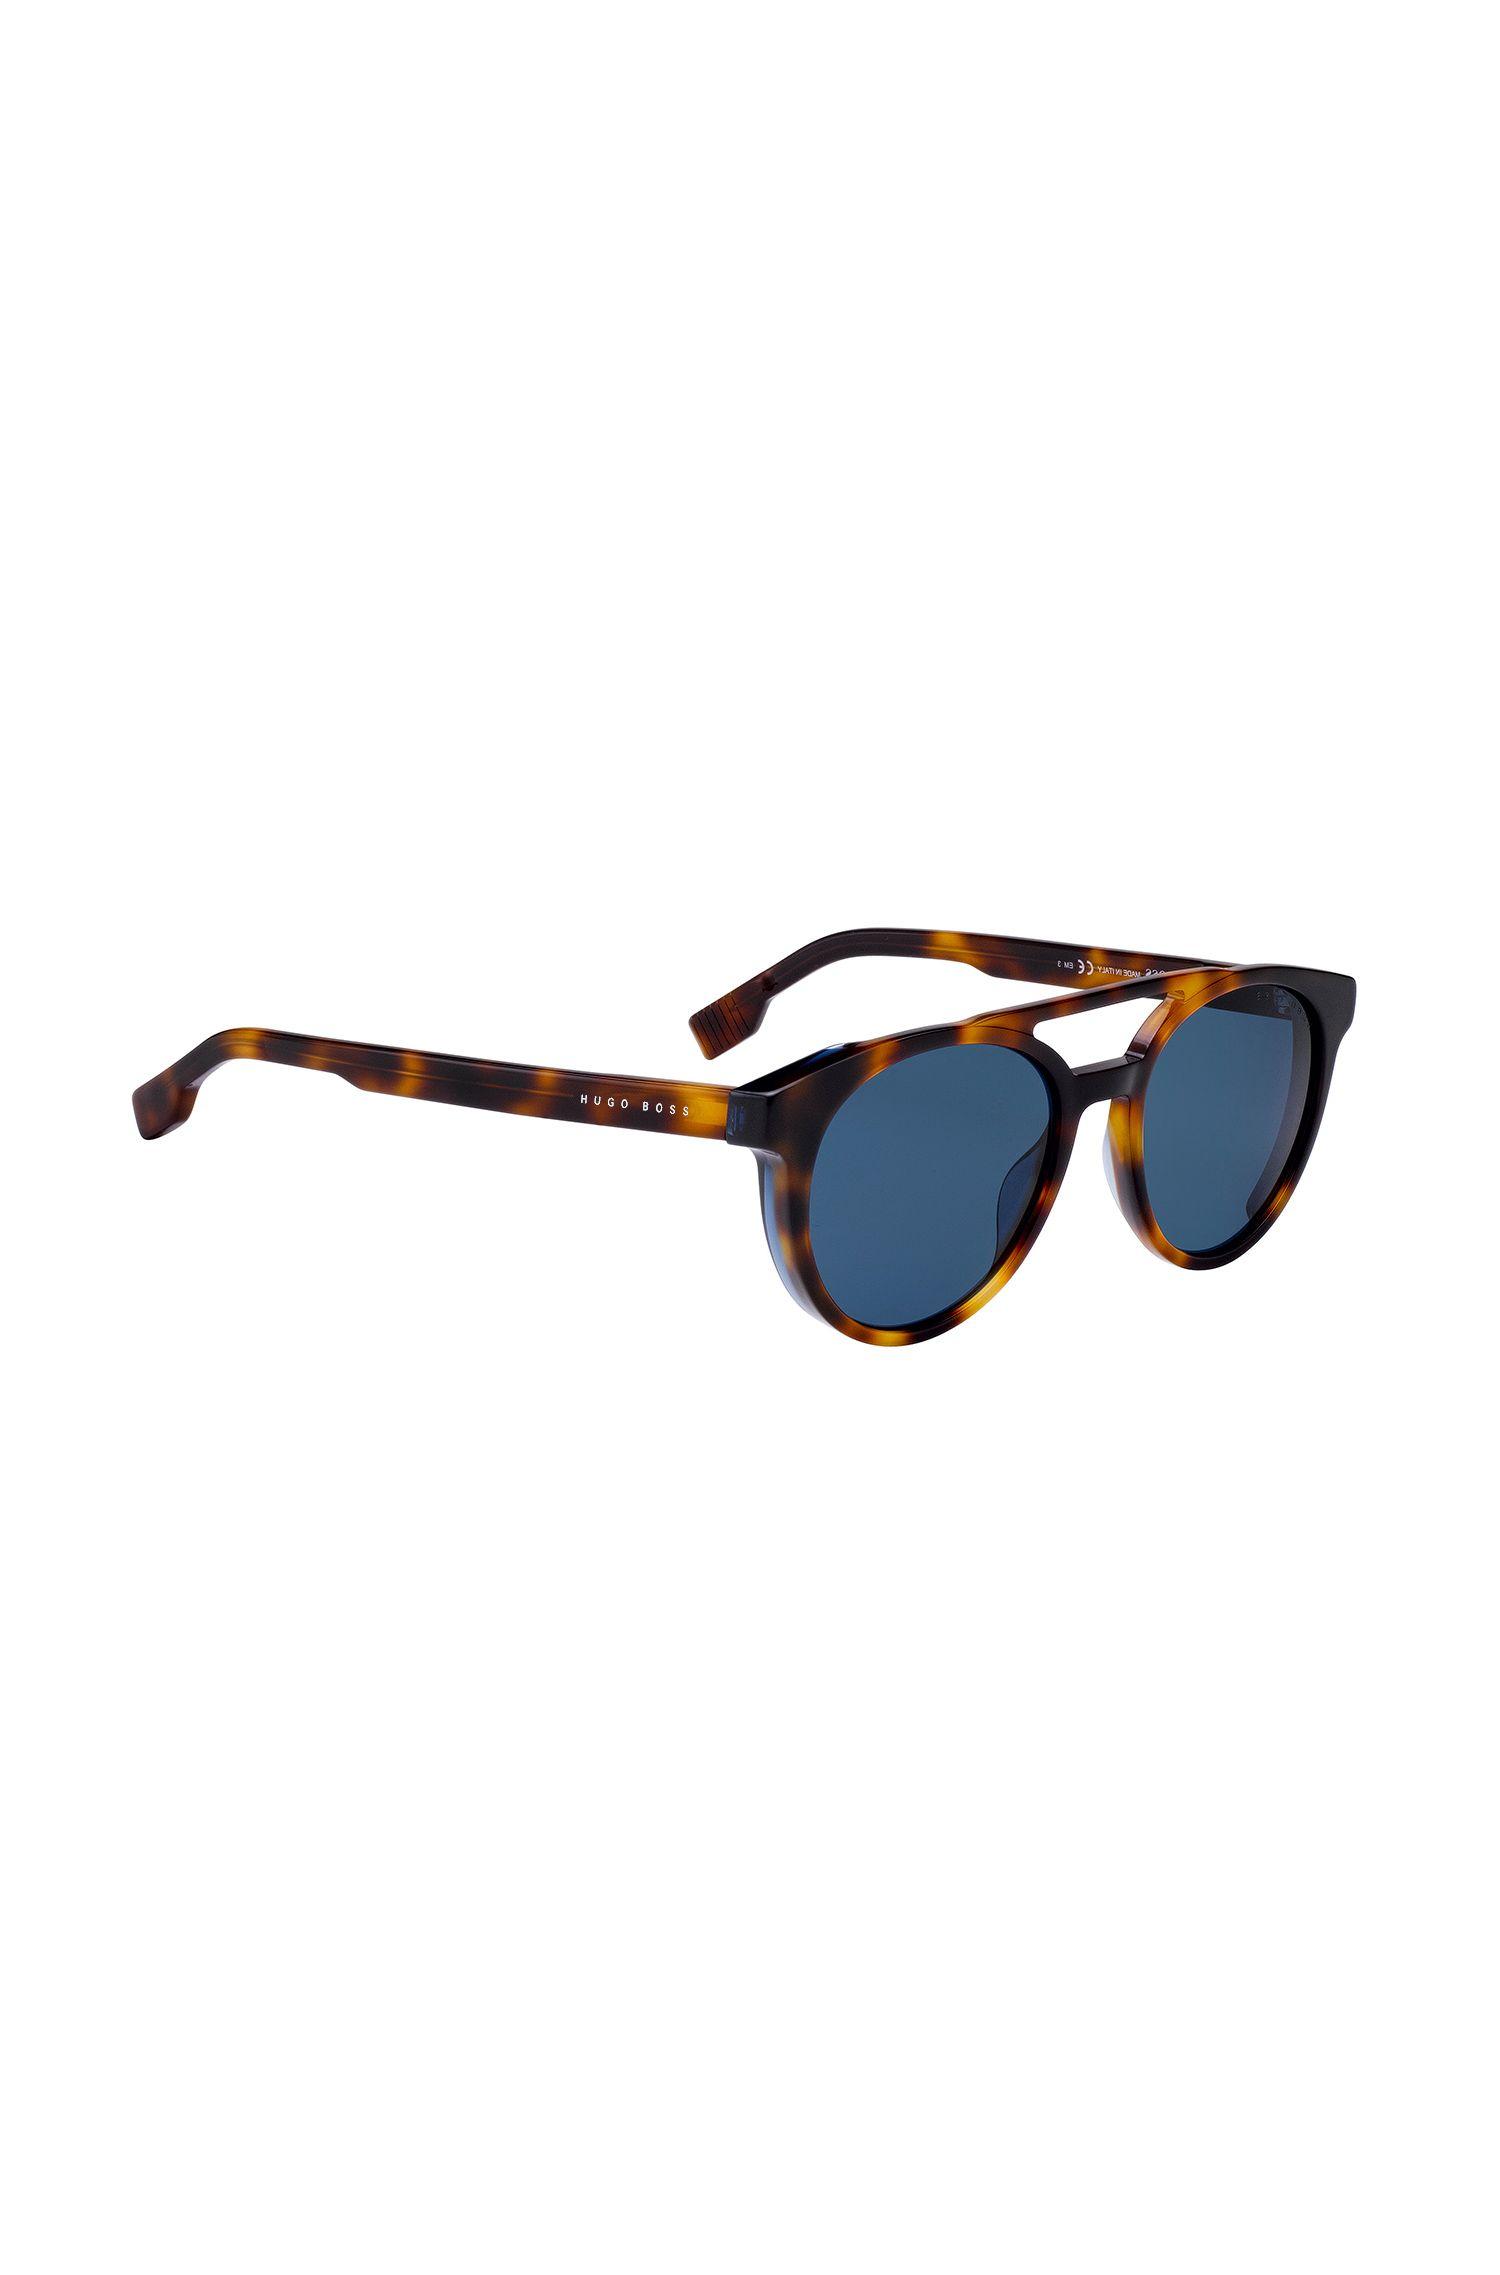 Sonnenbrille mit Doppelsteg und transparenten Details